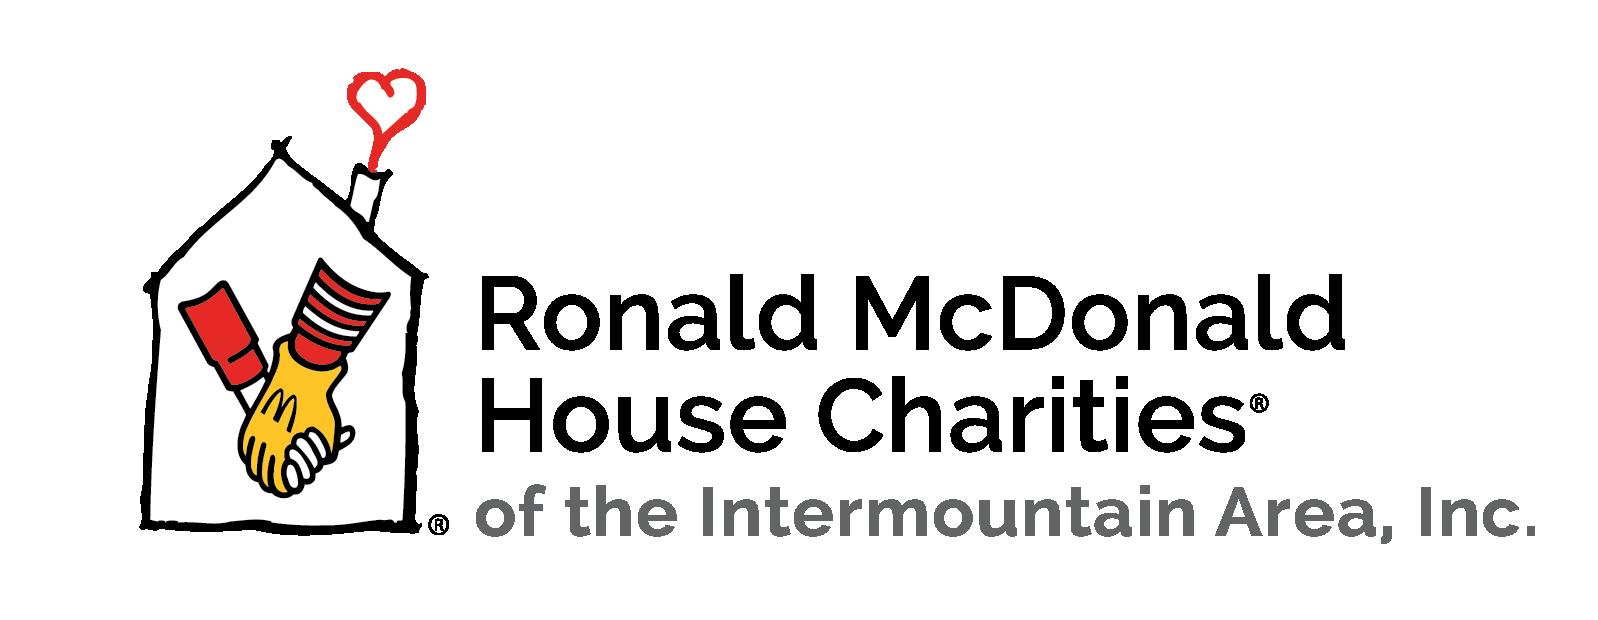 Ronald McDonald House Charities of the Intermountain Area Company Logo